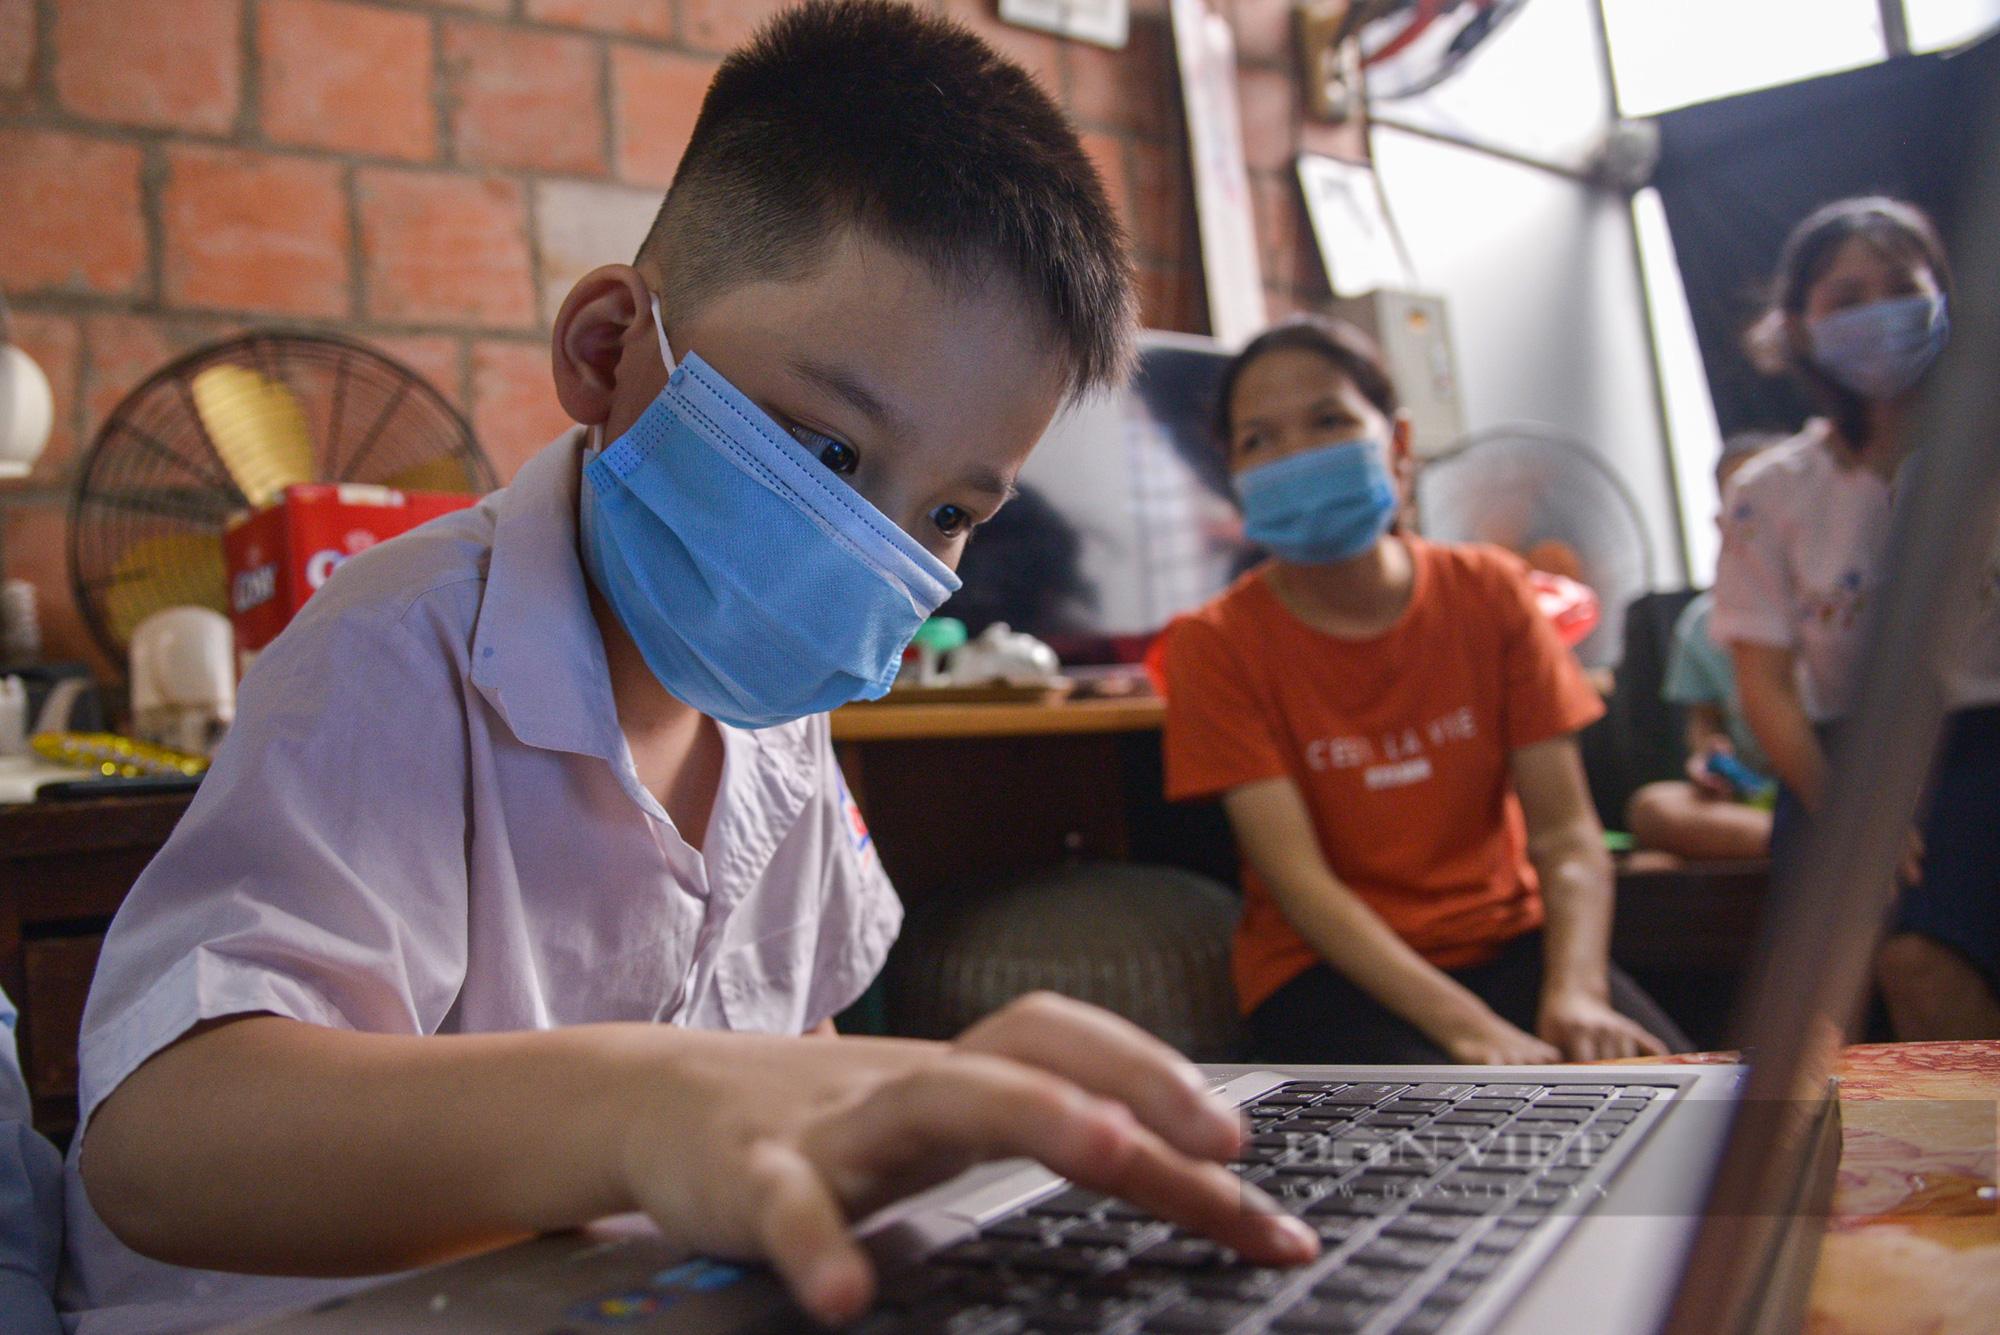 Hà Nội: Tặng máy tính cho trẻ em nghèo học online - Ảnh 5.